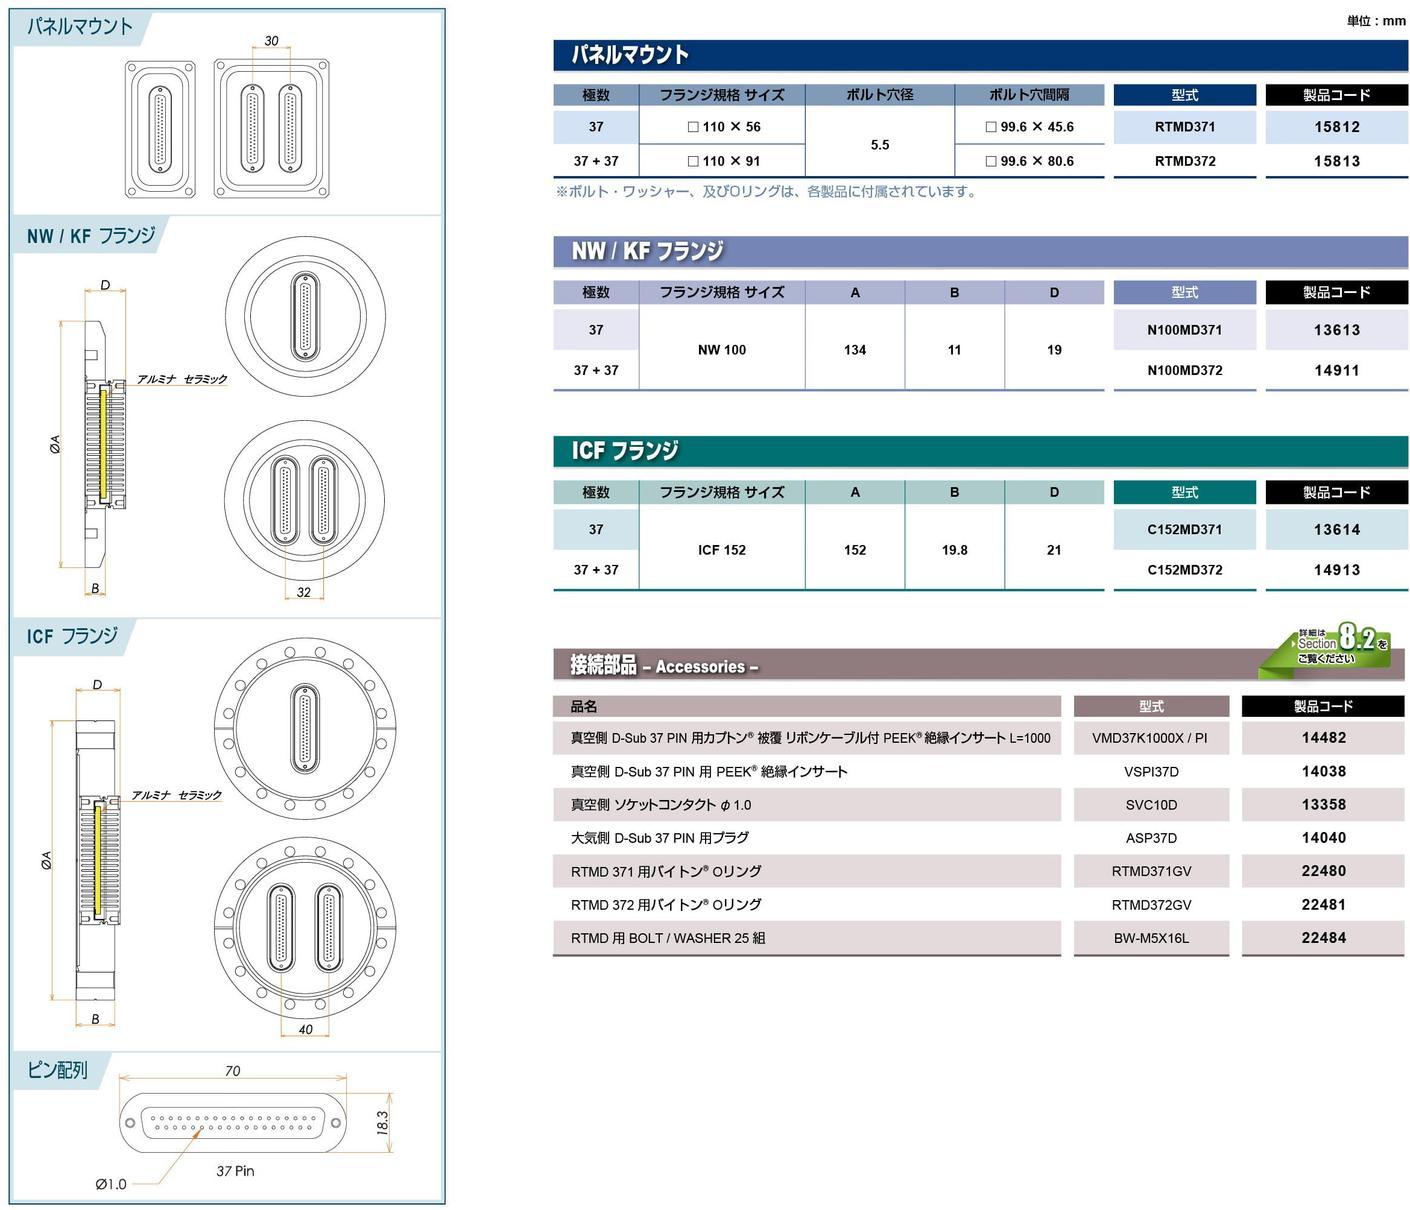 フィードスルー 多ピン D-Sub (MIL-C-24308) 37PIN カタログ画像